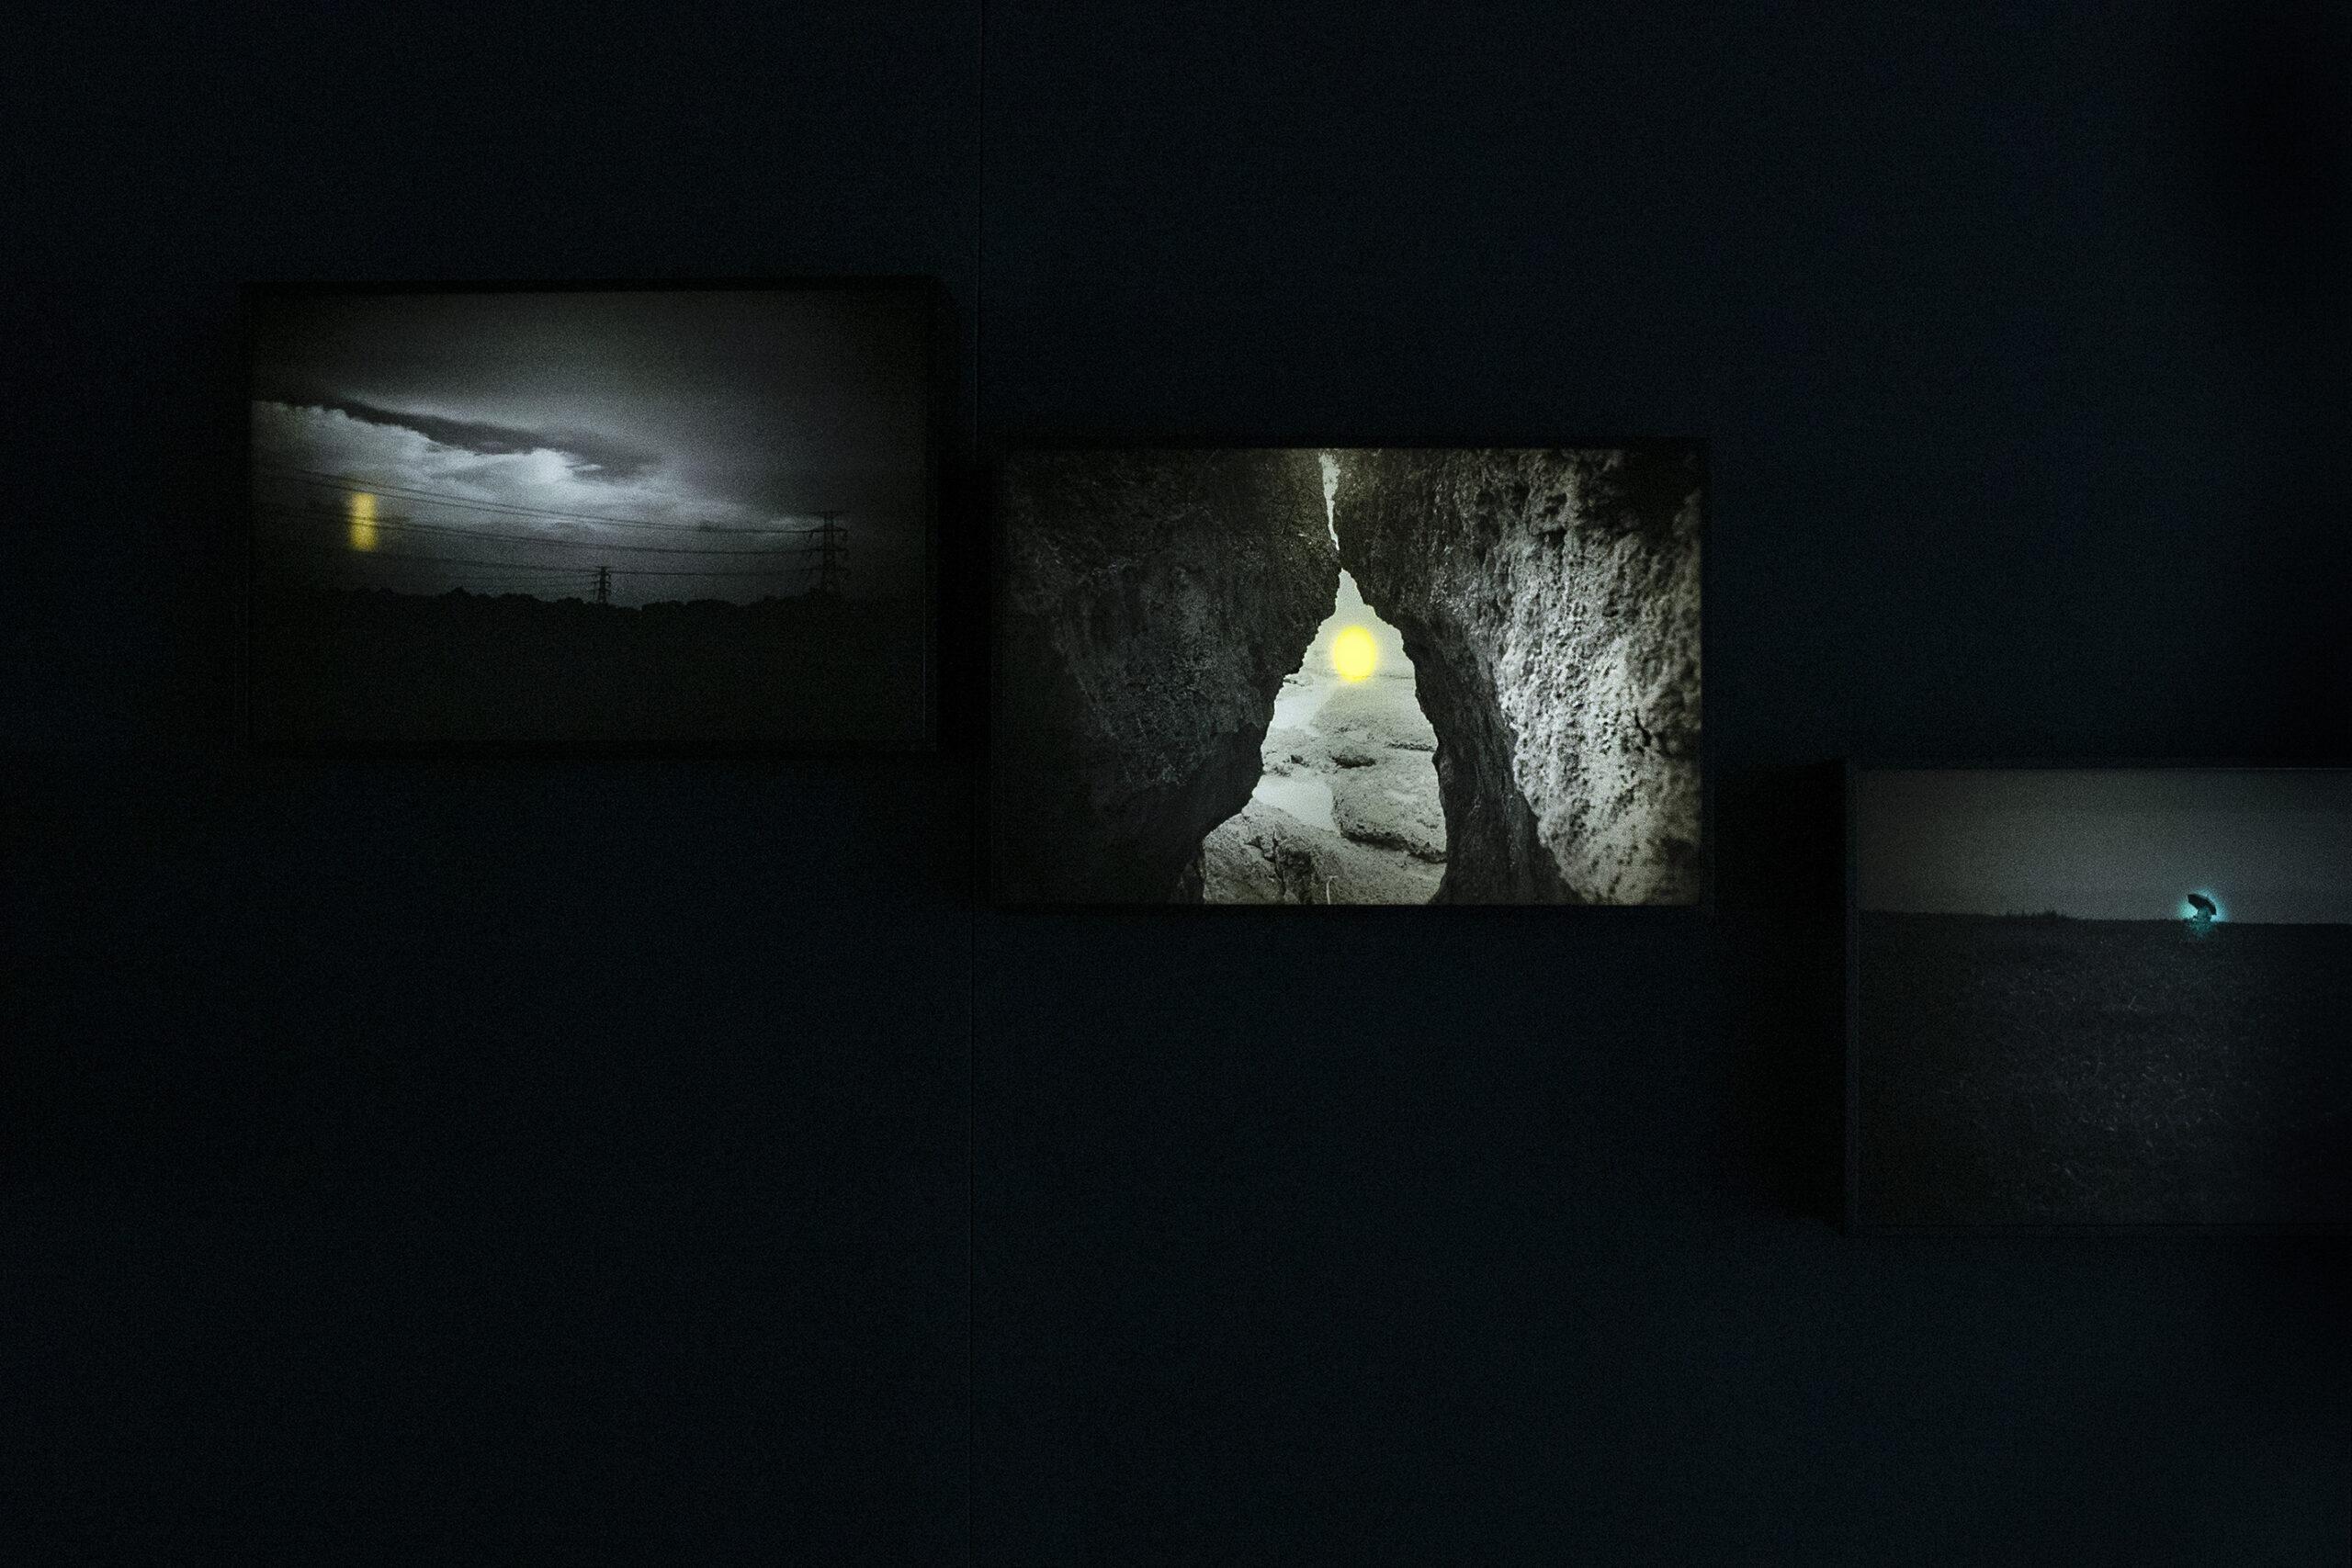 Taoyuan Contemporary Art Award, Taoyuan Arts Center, Taoyuan, Taiwan, 2018